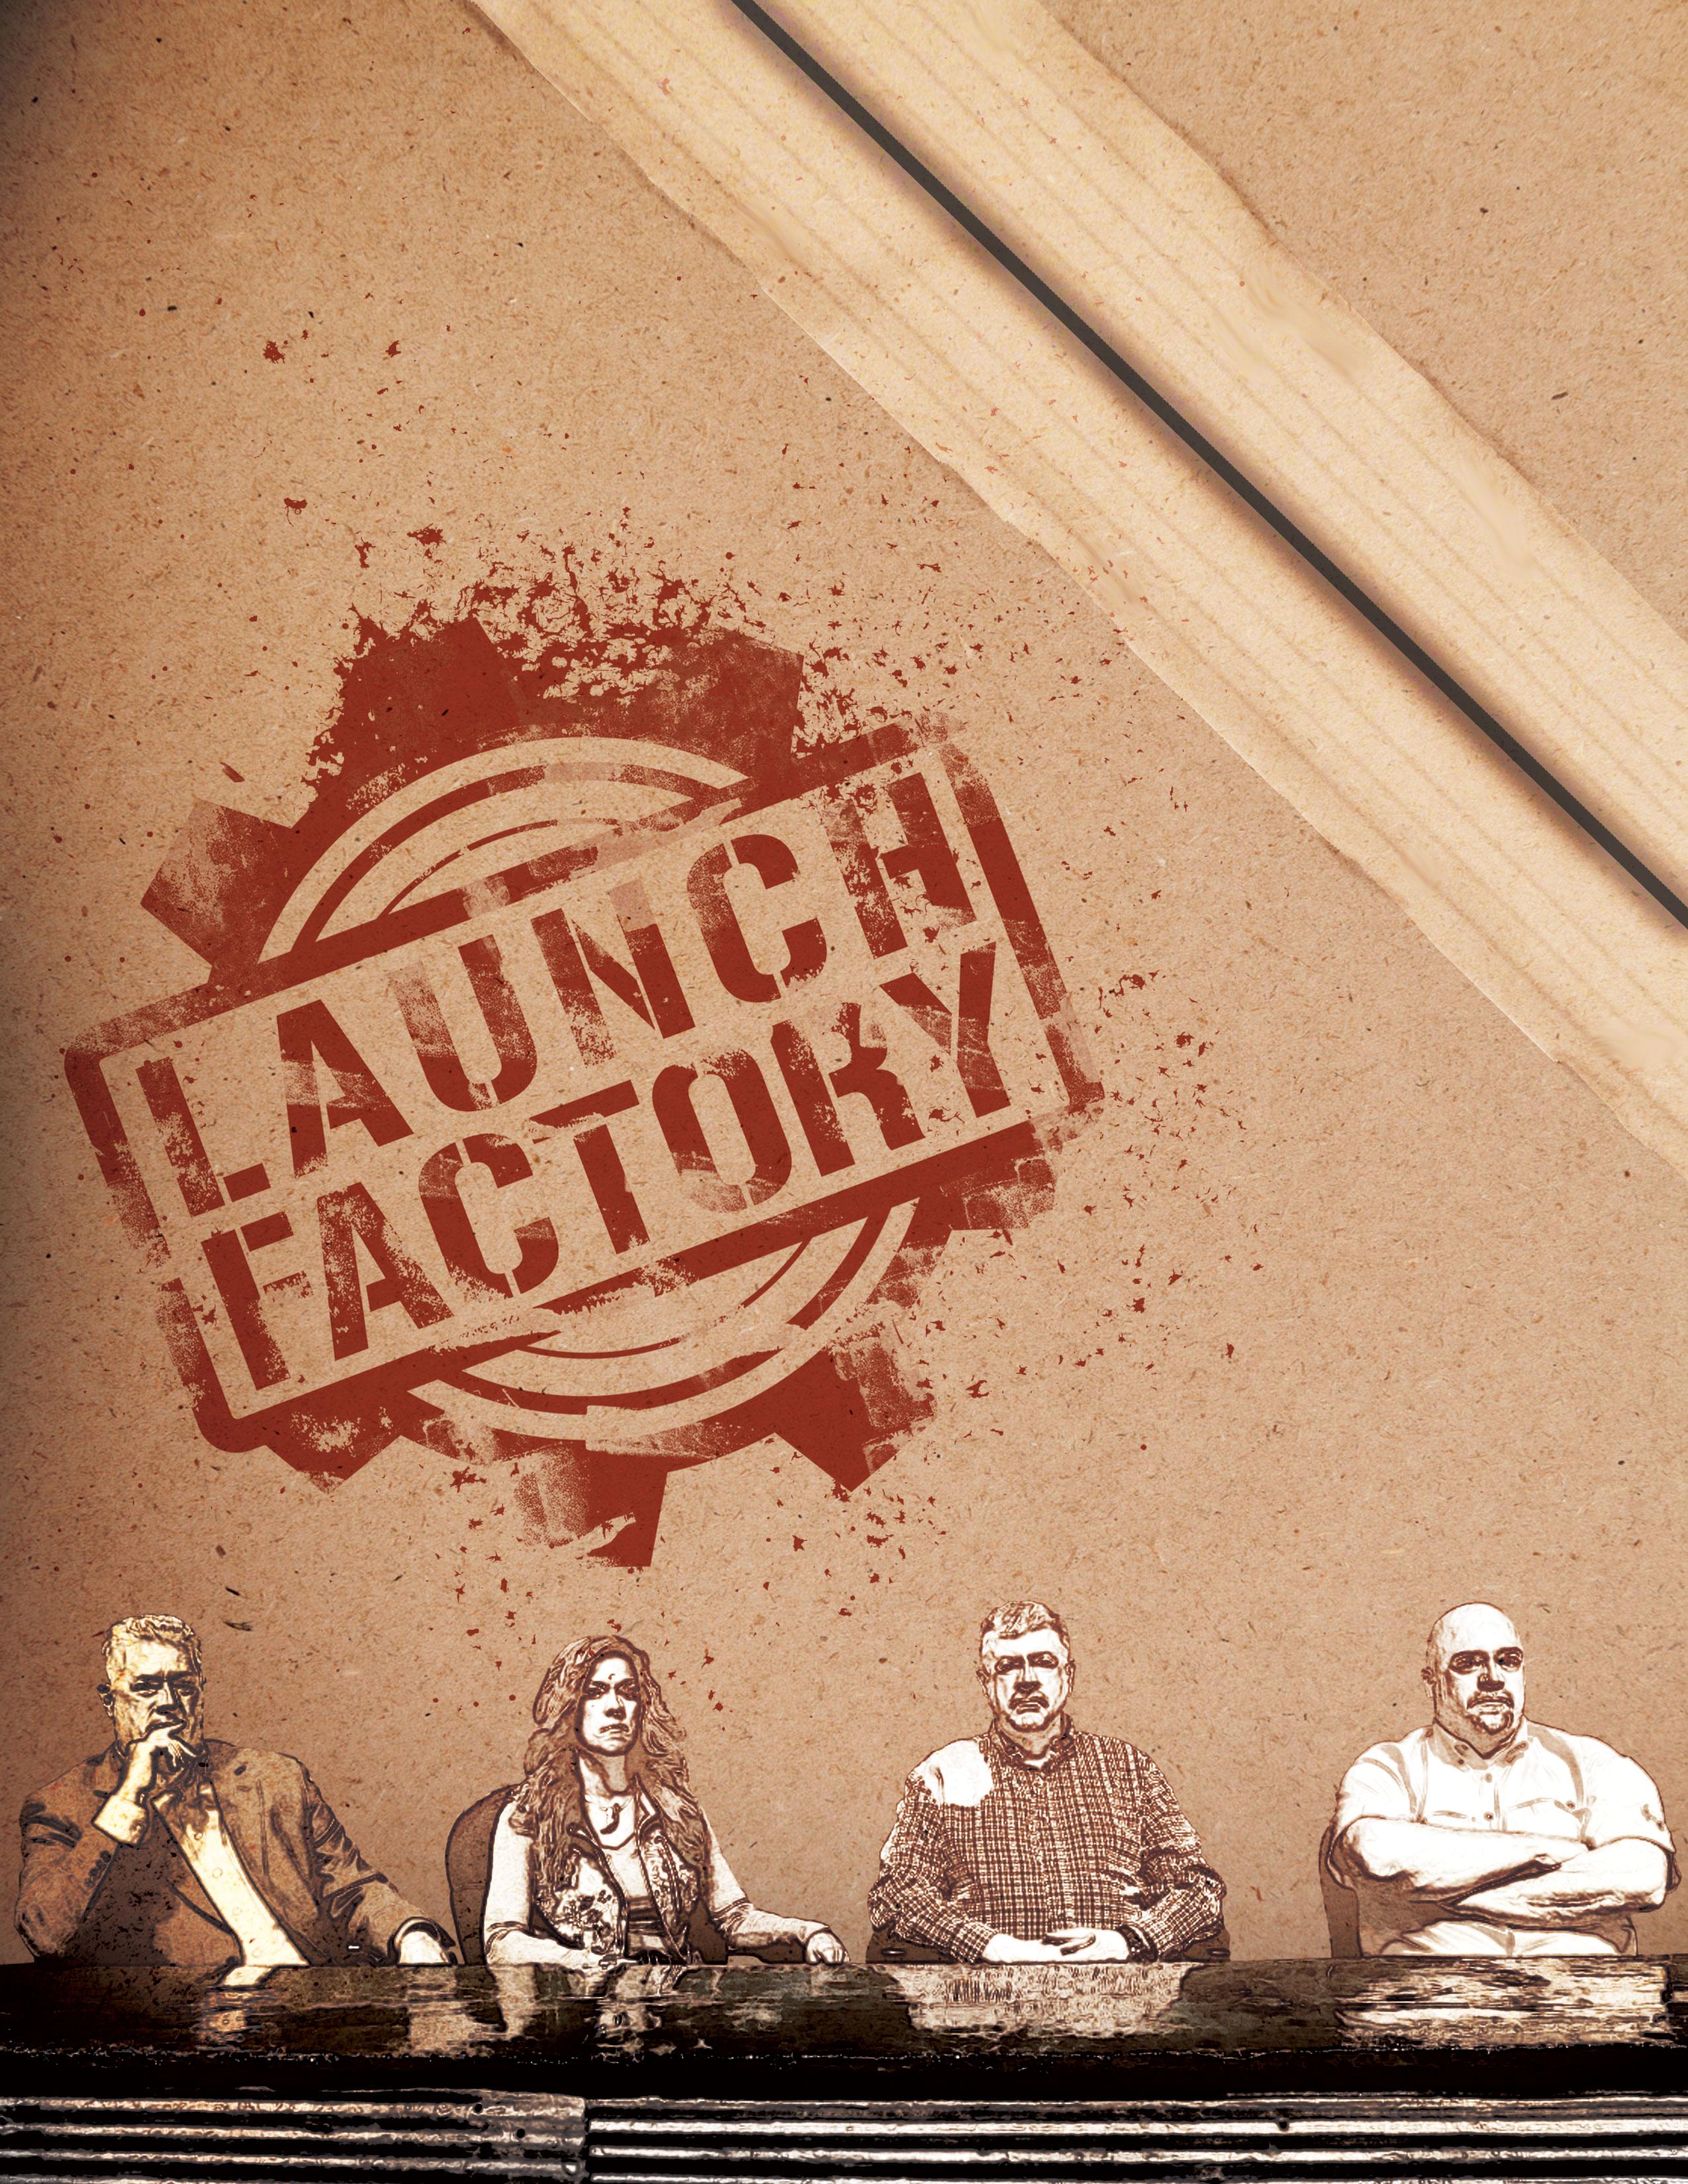 launchfactory